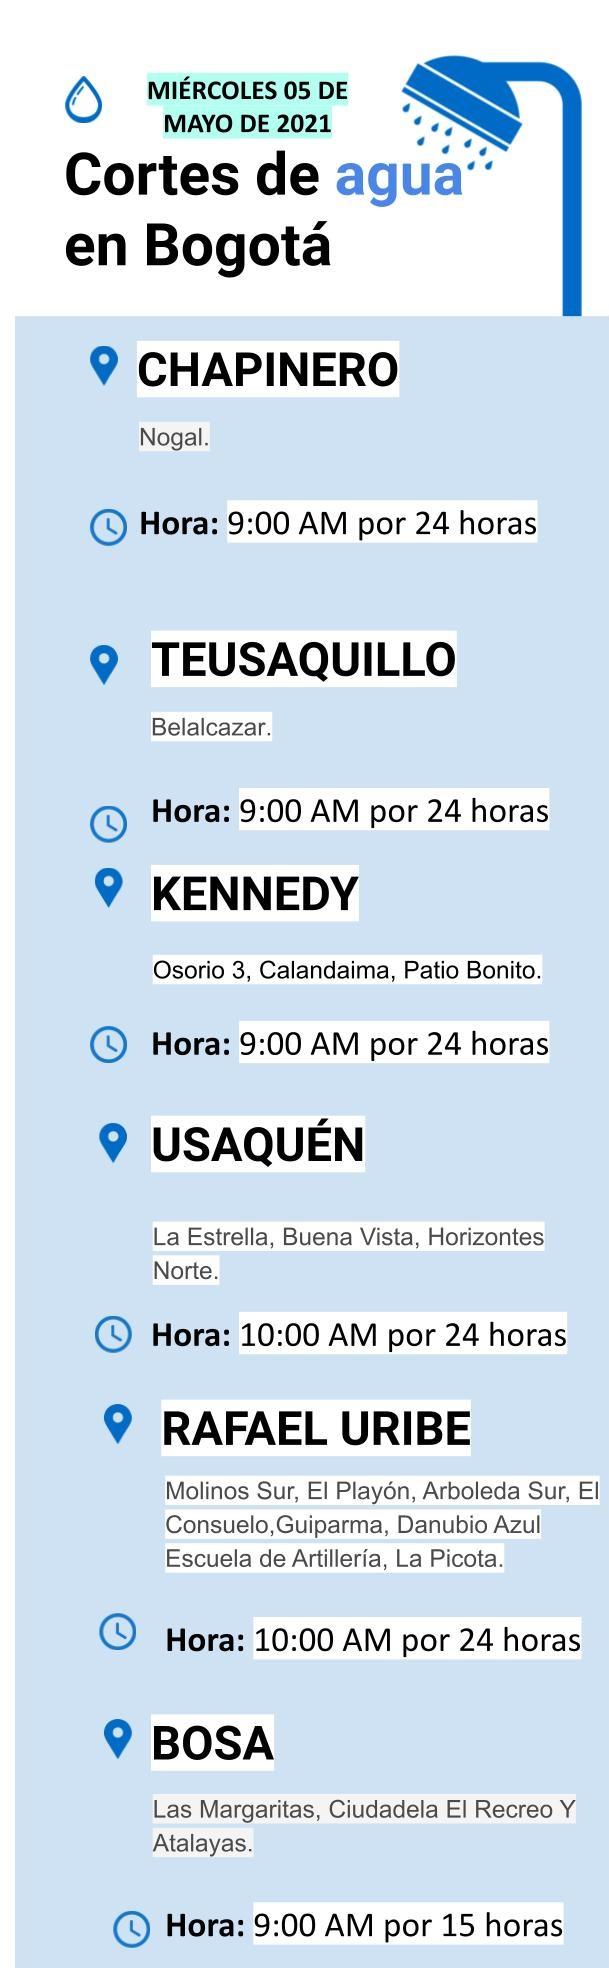 Cortes de agua en Bogotá para el miércoles 05 de mayo